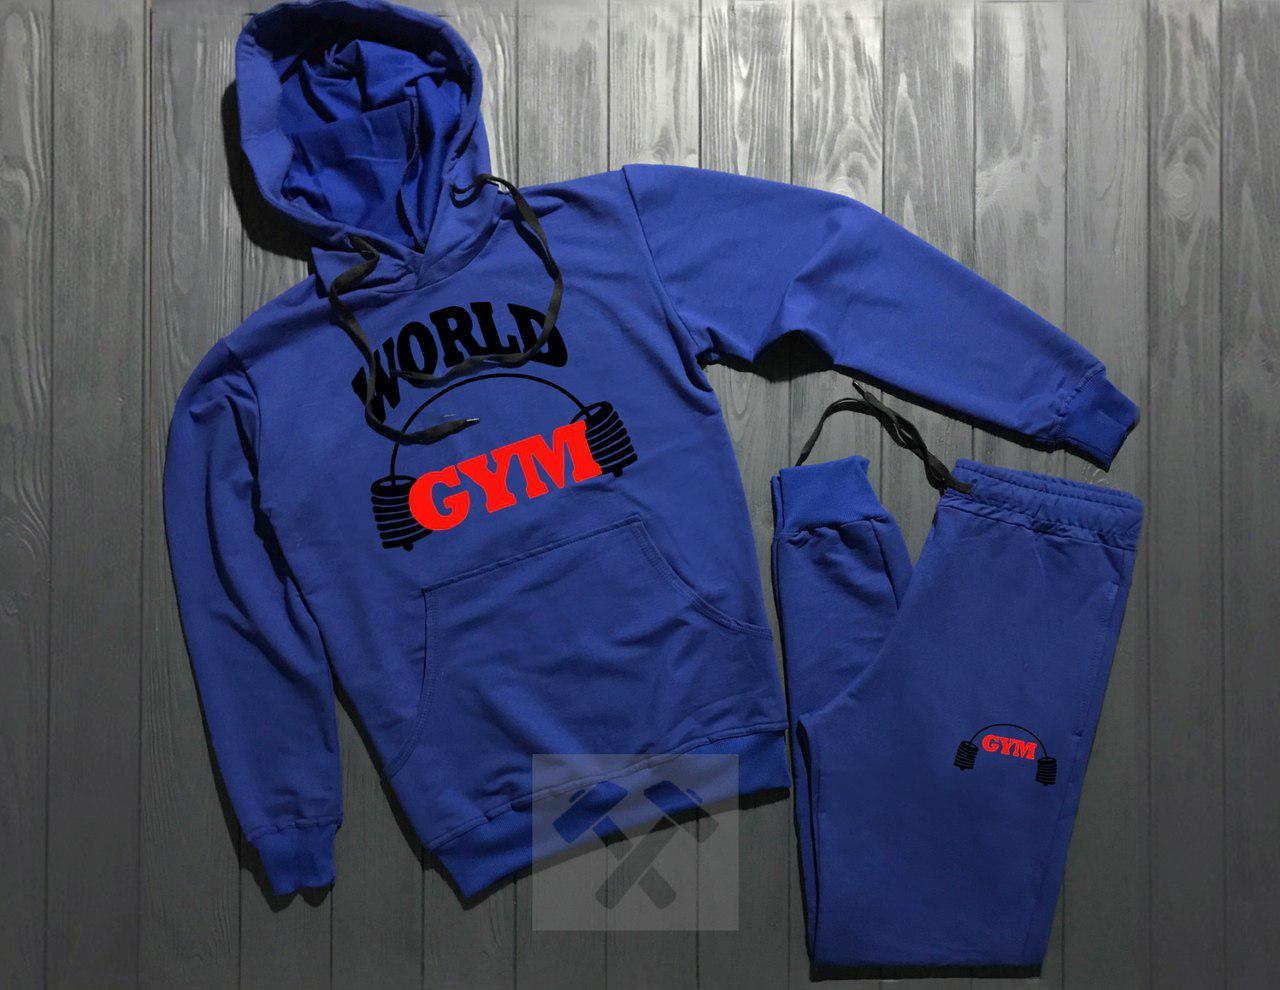 Спортивный костюм Gum синий топ реплика